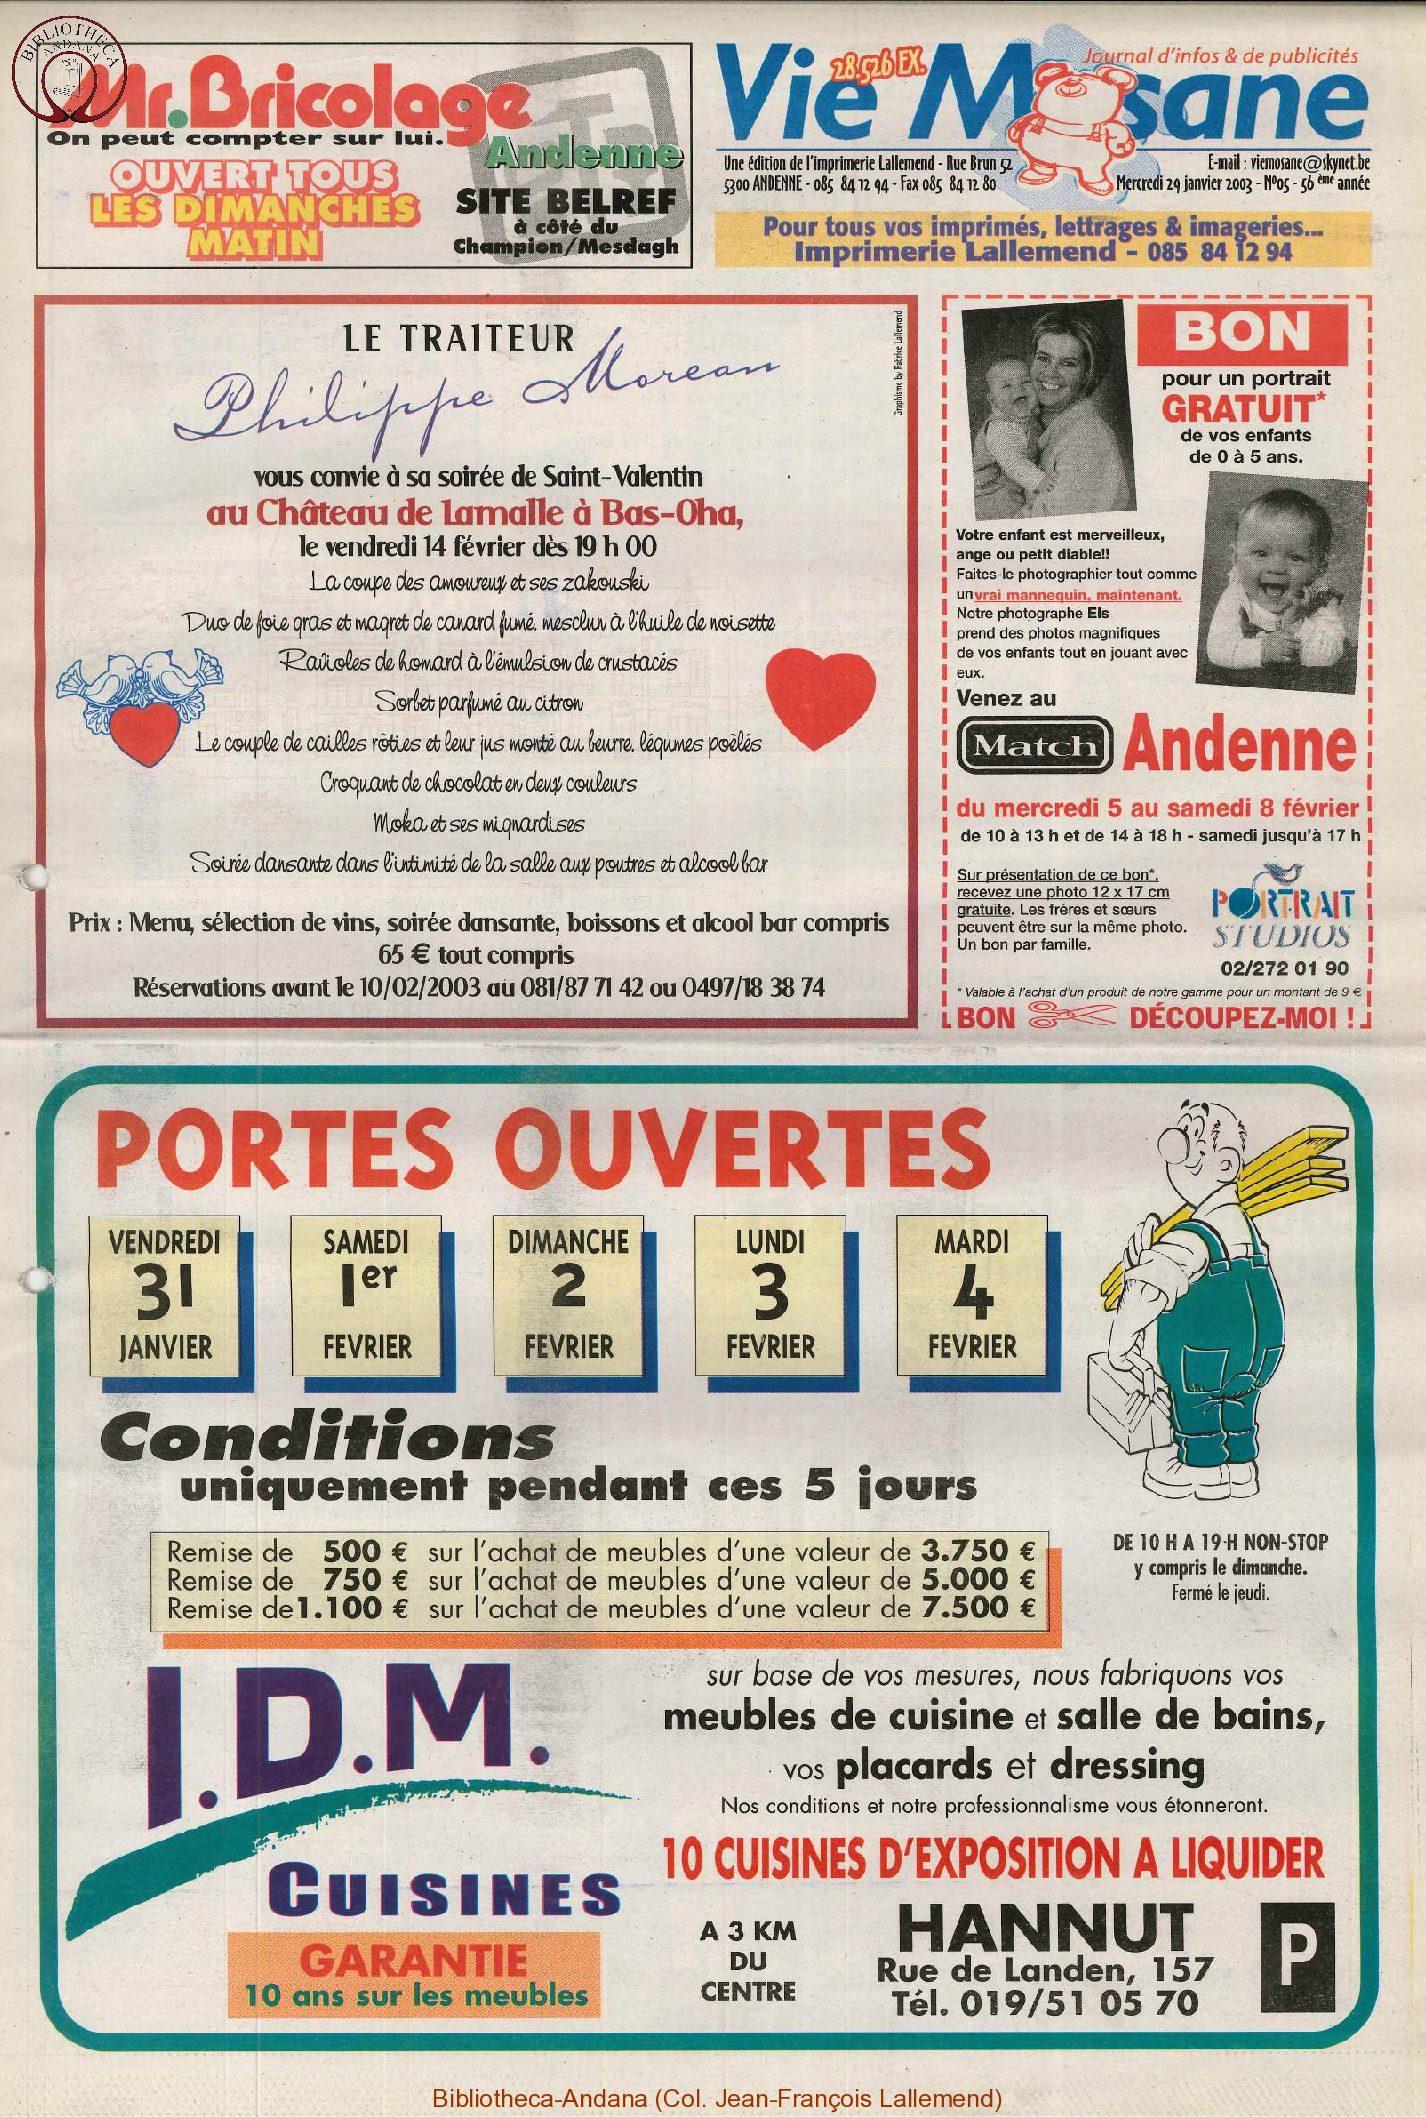 57e année - n°5 - 29 janvier 2003